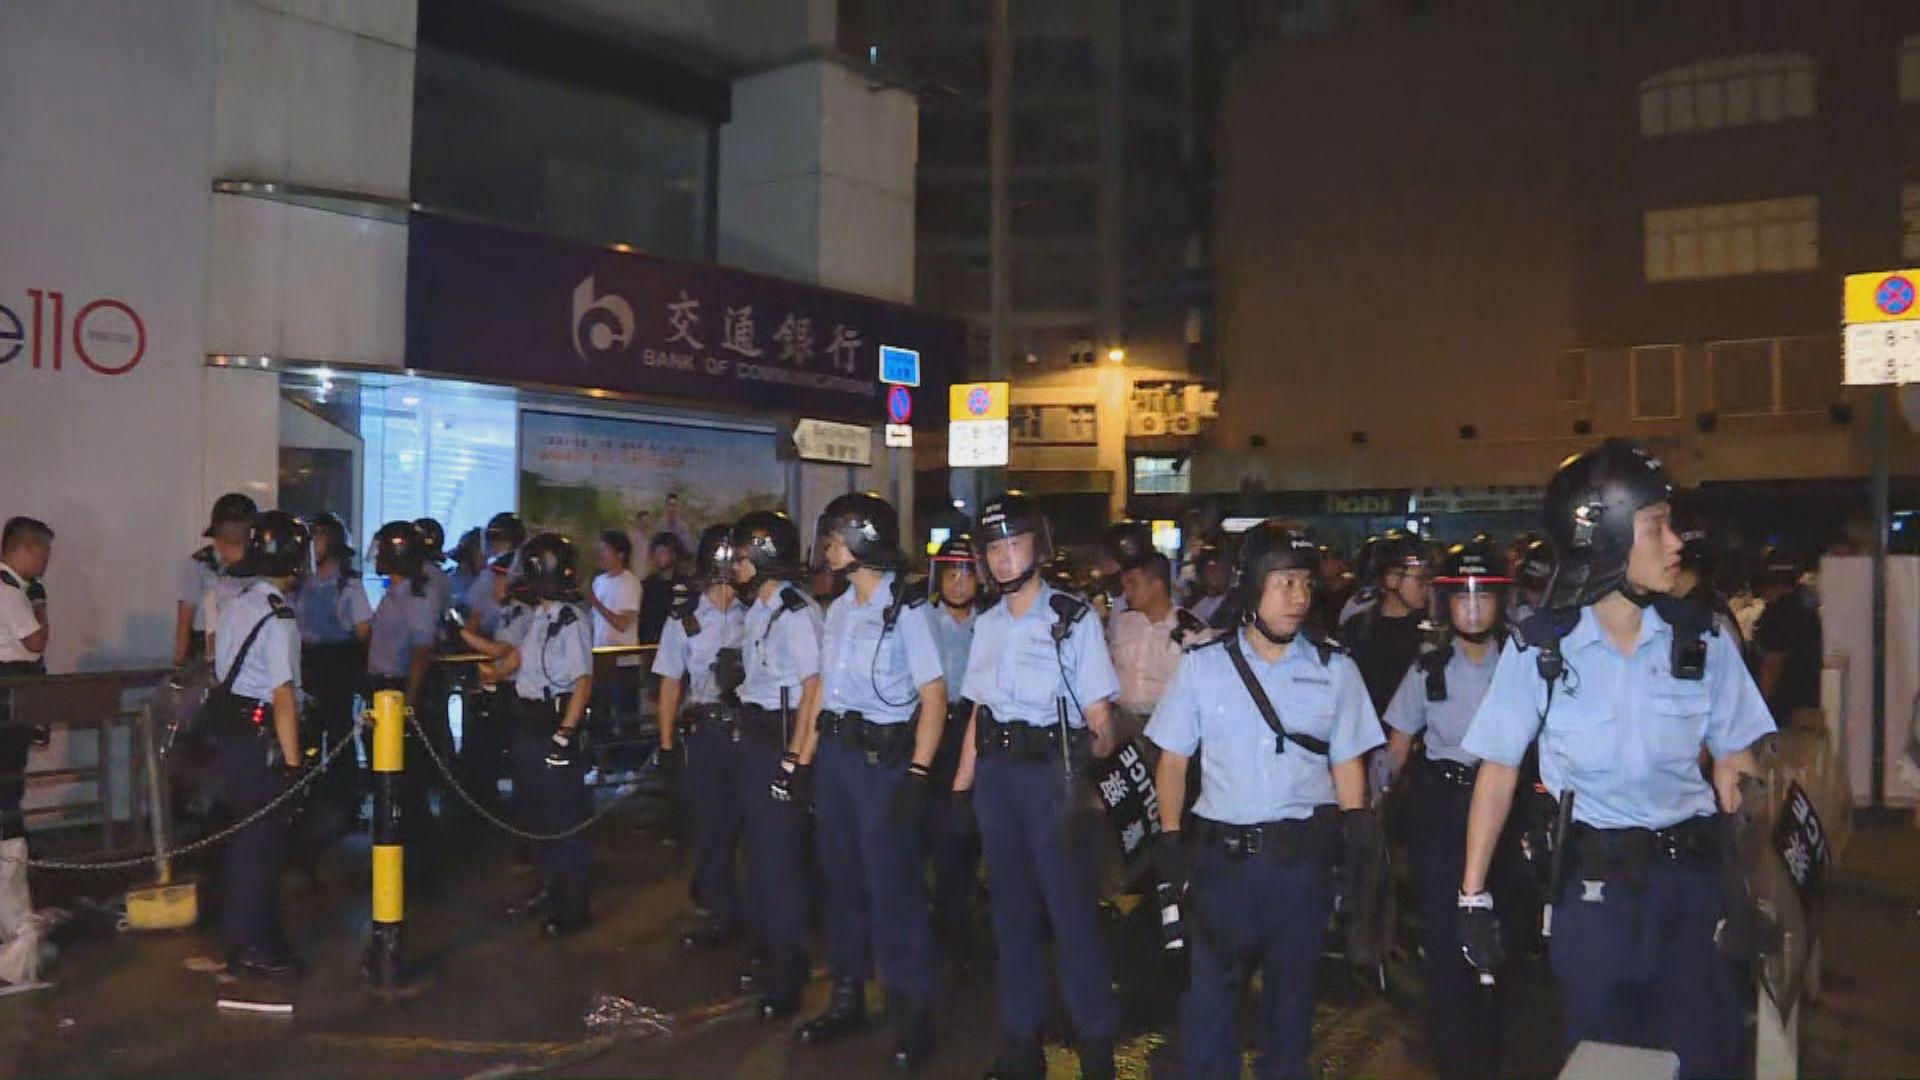 警方凌晨清場 部分人登記資料後獲准離開